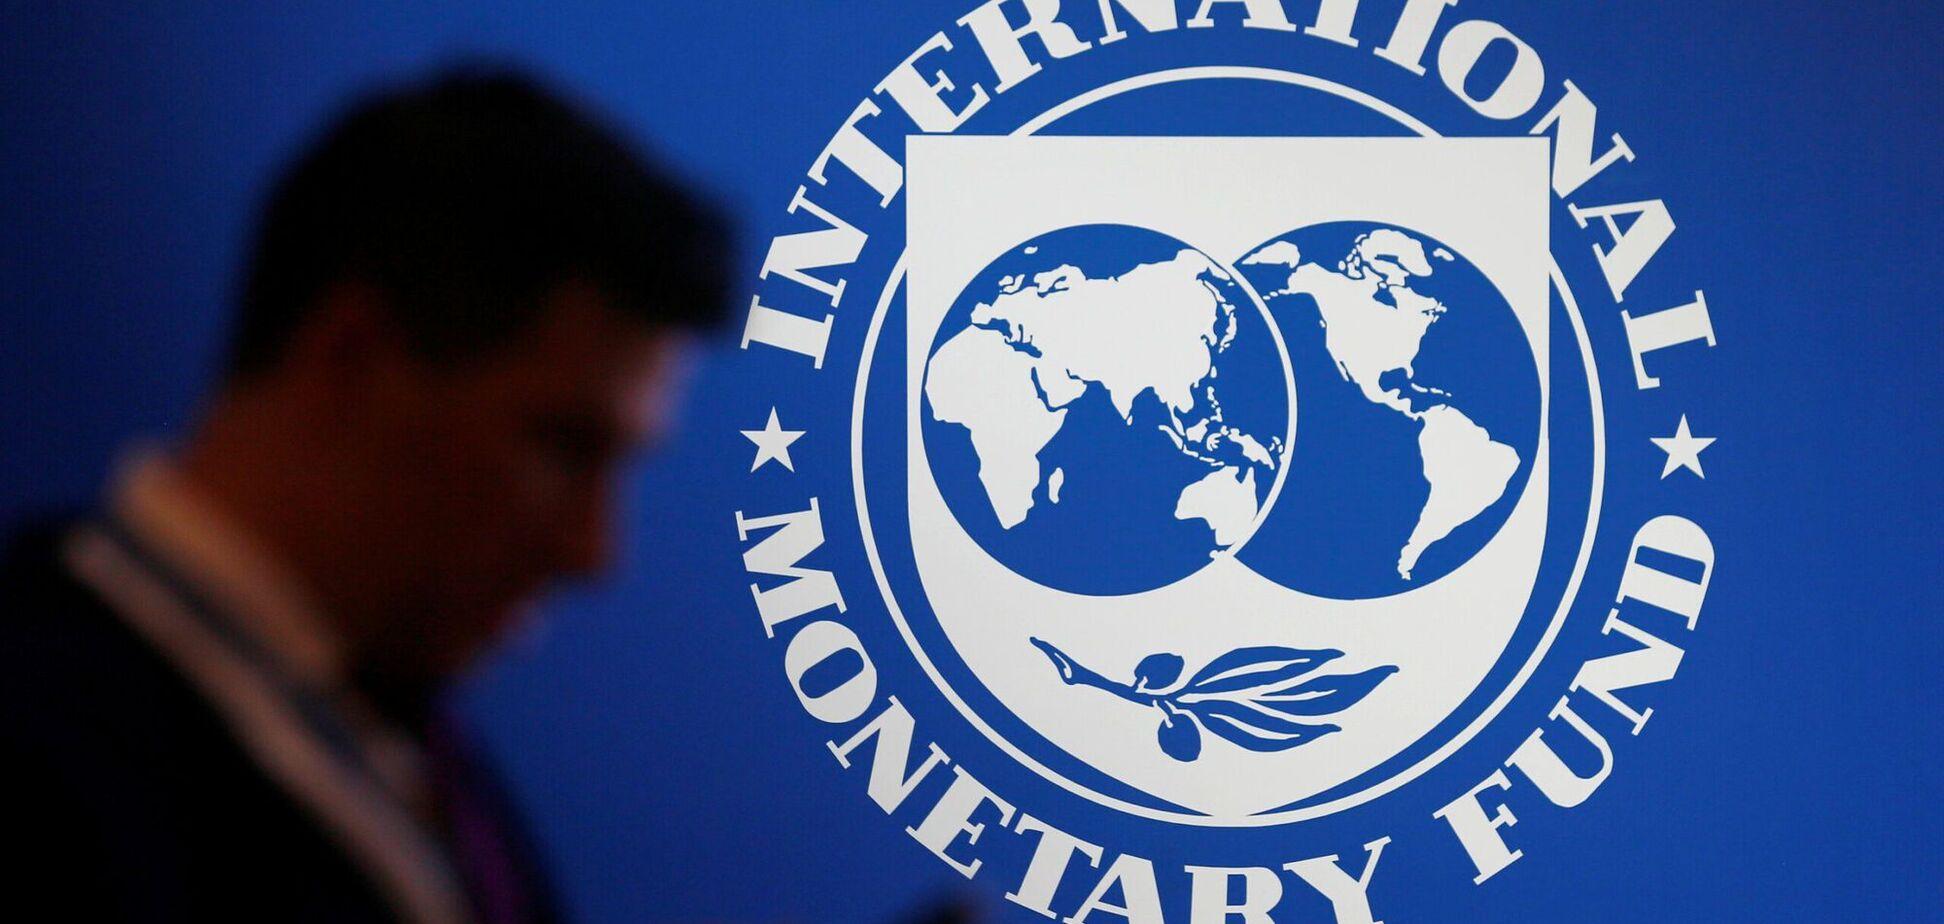 Глава Мінфіну назвав крайні дати нового траншу МВФ і відповів, чи загрожує Україні дефолт